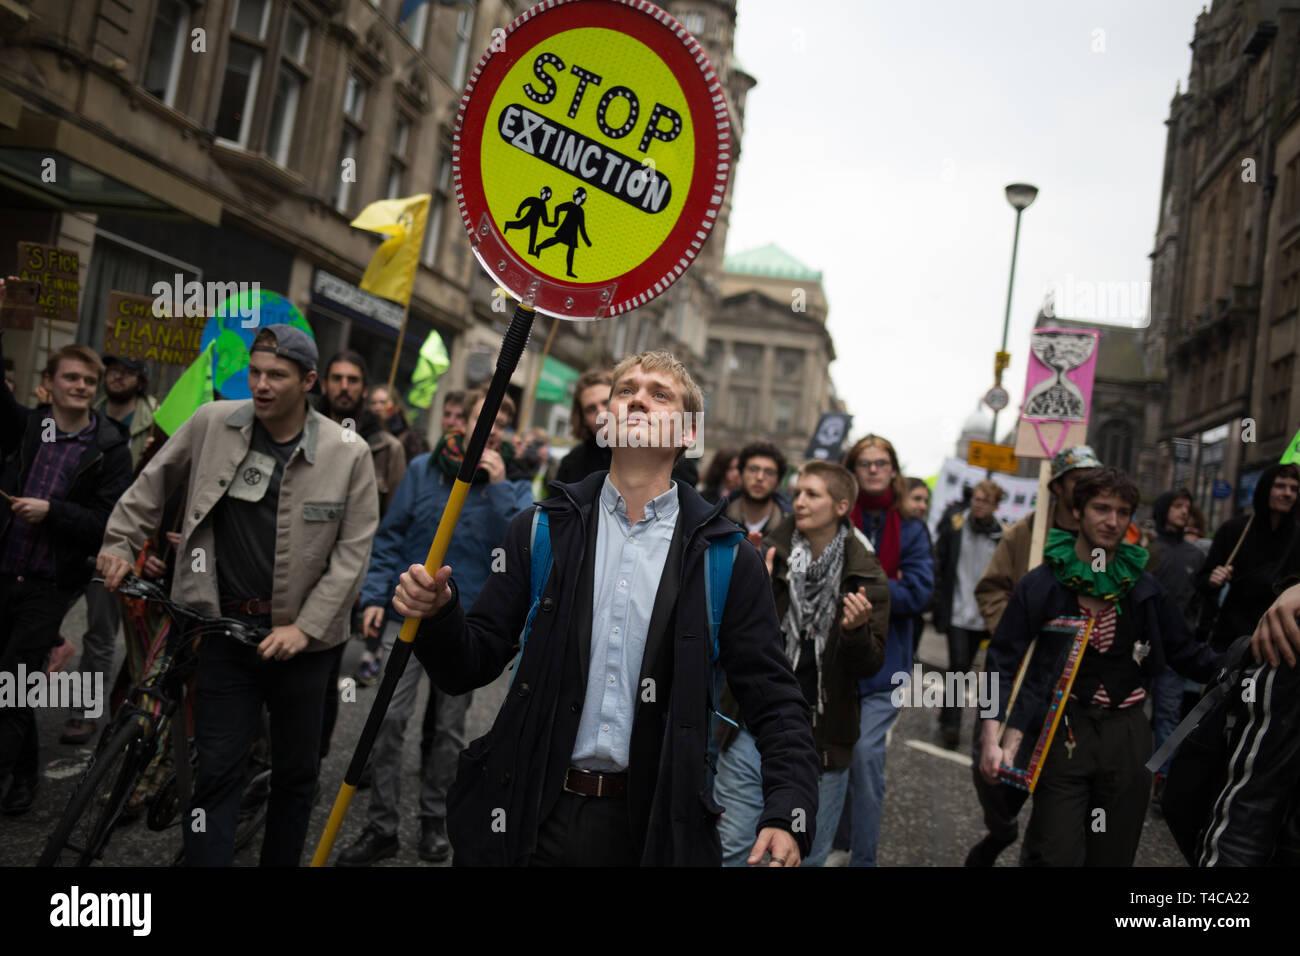 """Édimbourg, Écosse, 16 avril 2019. Rébellion d'extinction (Ecosse) les manifestants fermer North Bridge à la circulation au cours d'une """"Journée internationale de la rébellion"""", pour demander au gouvernement de déclarer une urgence climatique, à Édimbourg, en Écosse, le 16 avril 2019. Crédit: Jeremy Sutton-Hibbert/Alamy Live News Banque D'Images"""